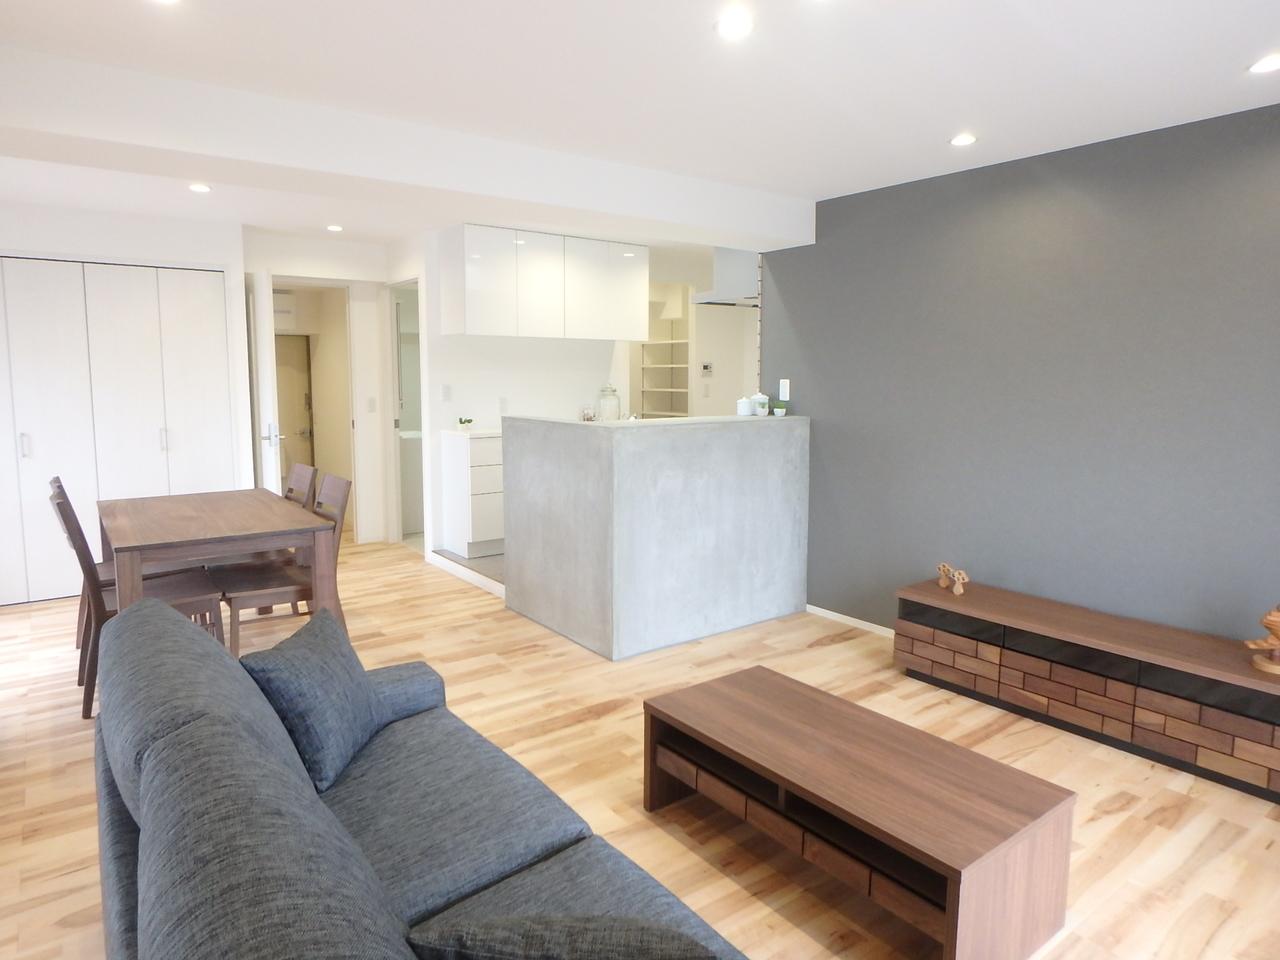 お部屋の一番明るい位置にリビングをレイアウト。キッチン&ダイニングを見渡せます。明るく広々!